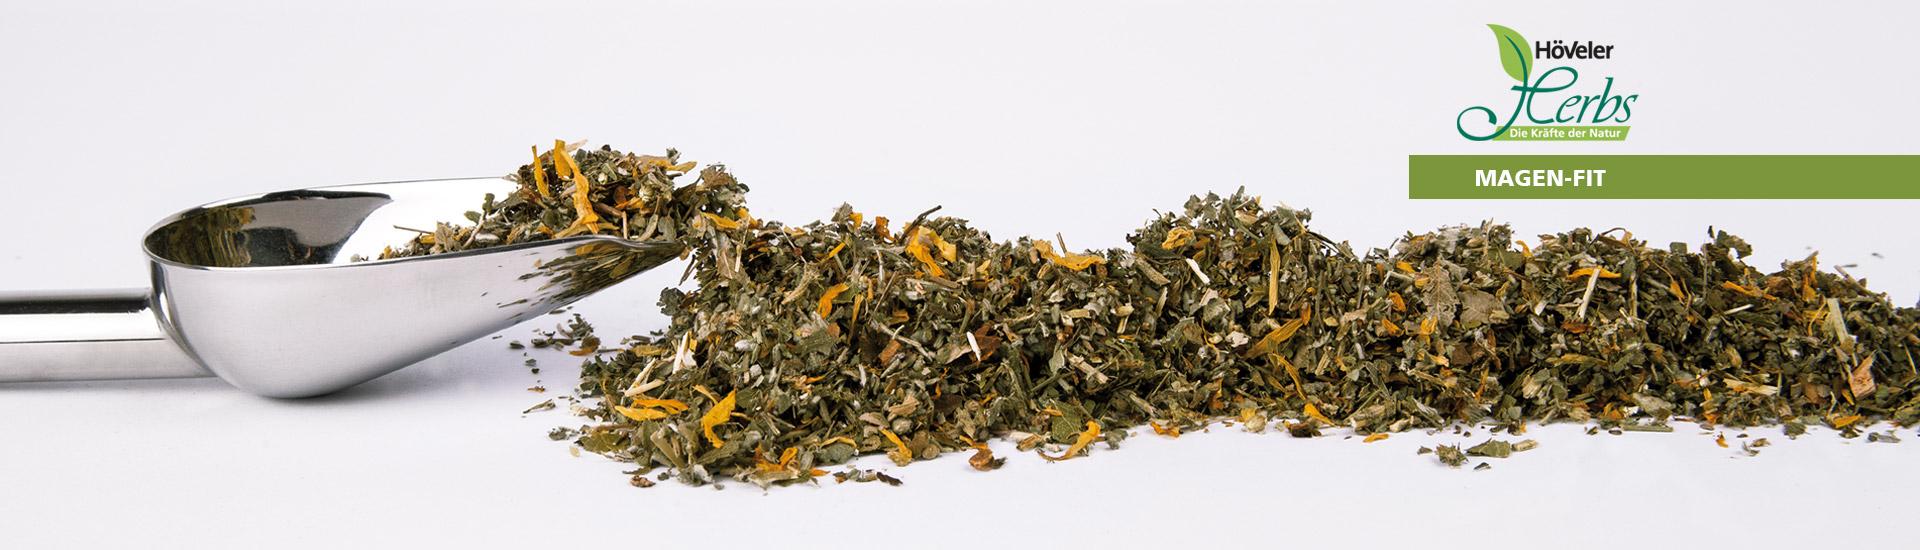 Höveler Herbs - Magen-Fit